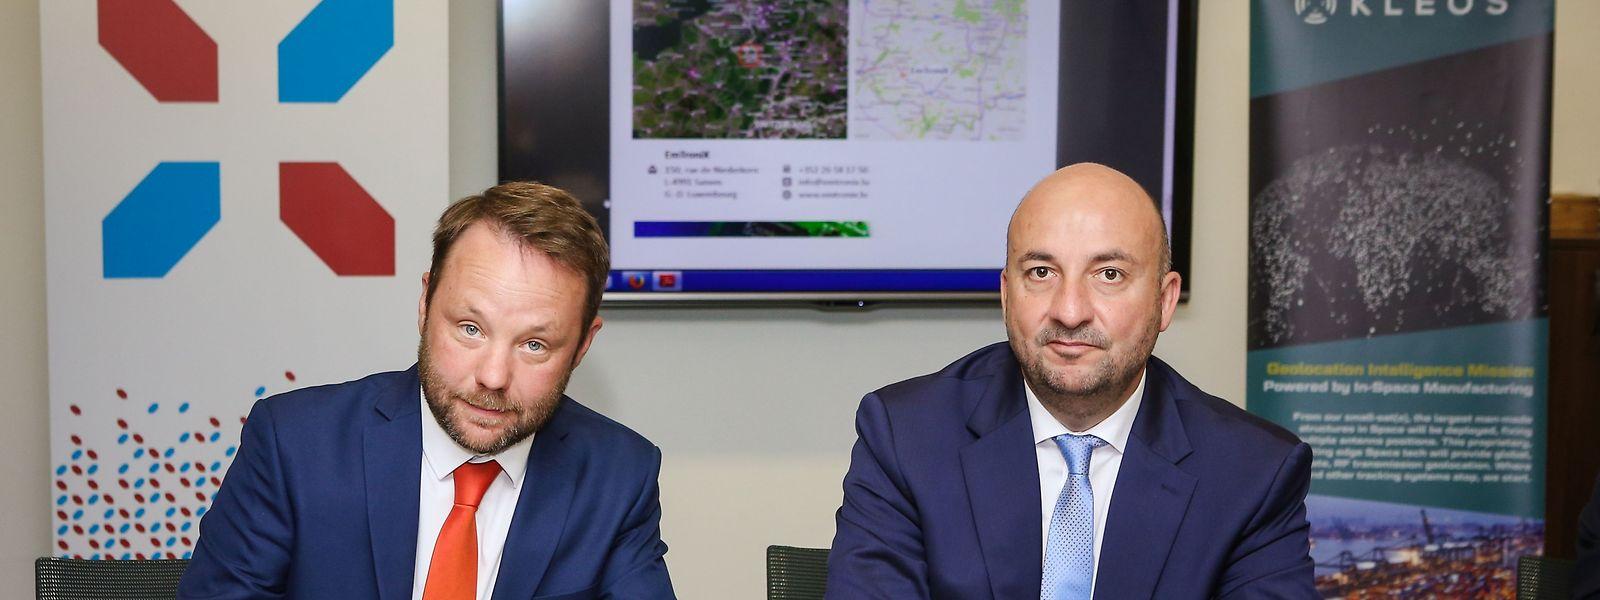 Kleos-Direktor Andy Bowyer und Wirtschaftsminister Etienne Schneider unterzeichneten am Montag eine Absichtserklärung.